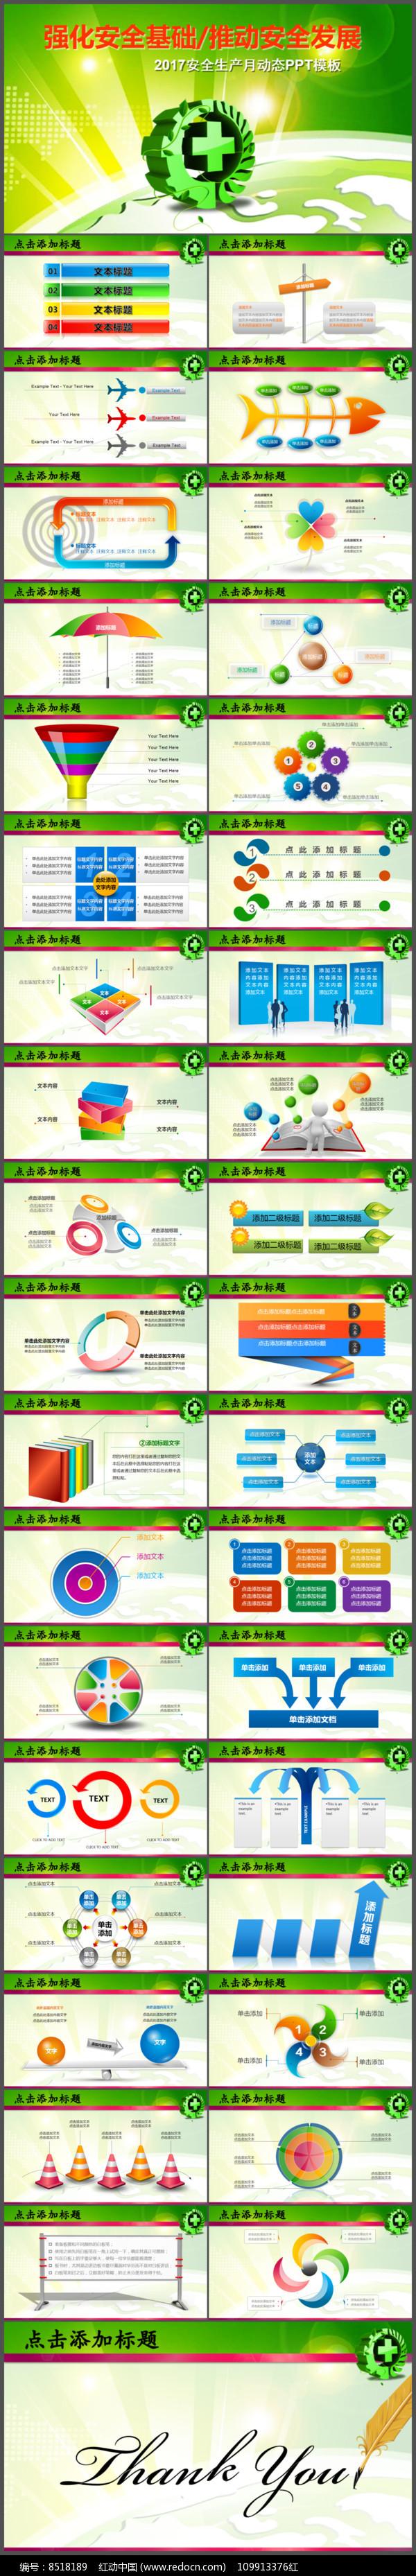 安全生产教育ppt设计模板图片